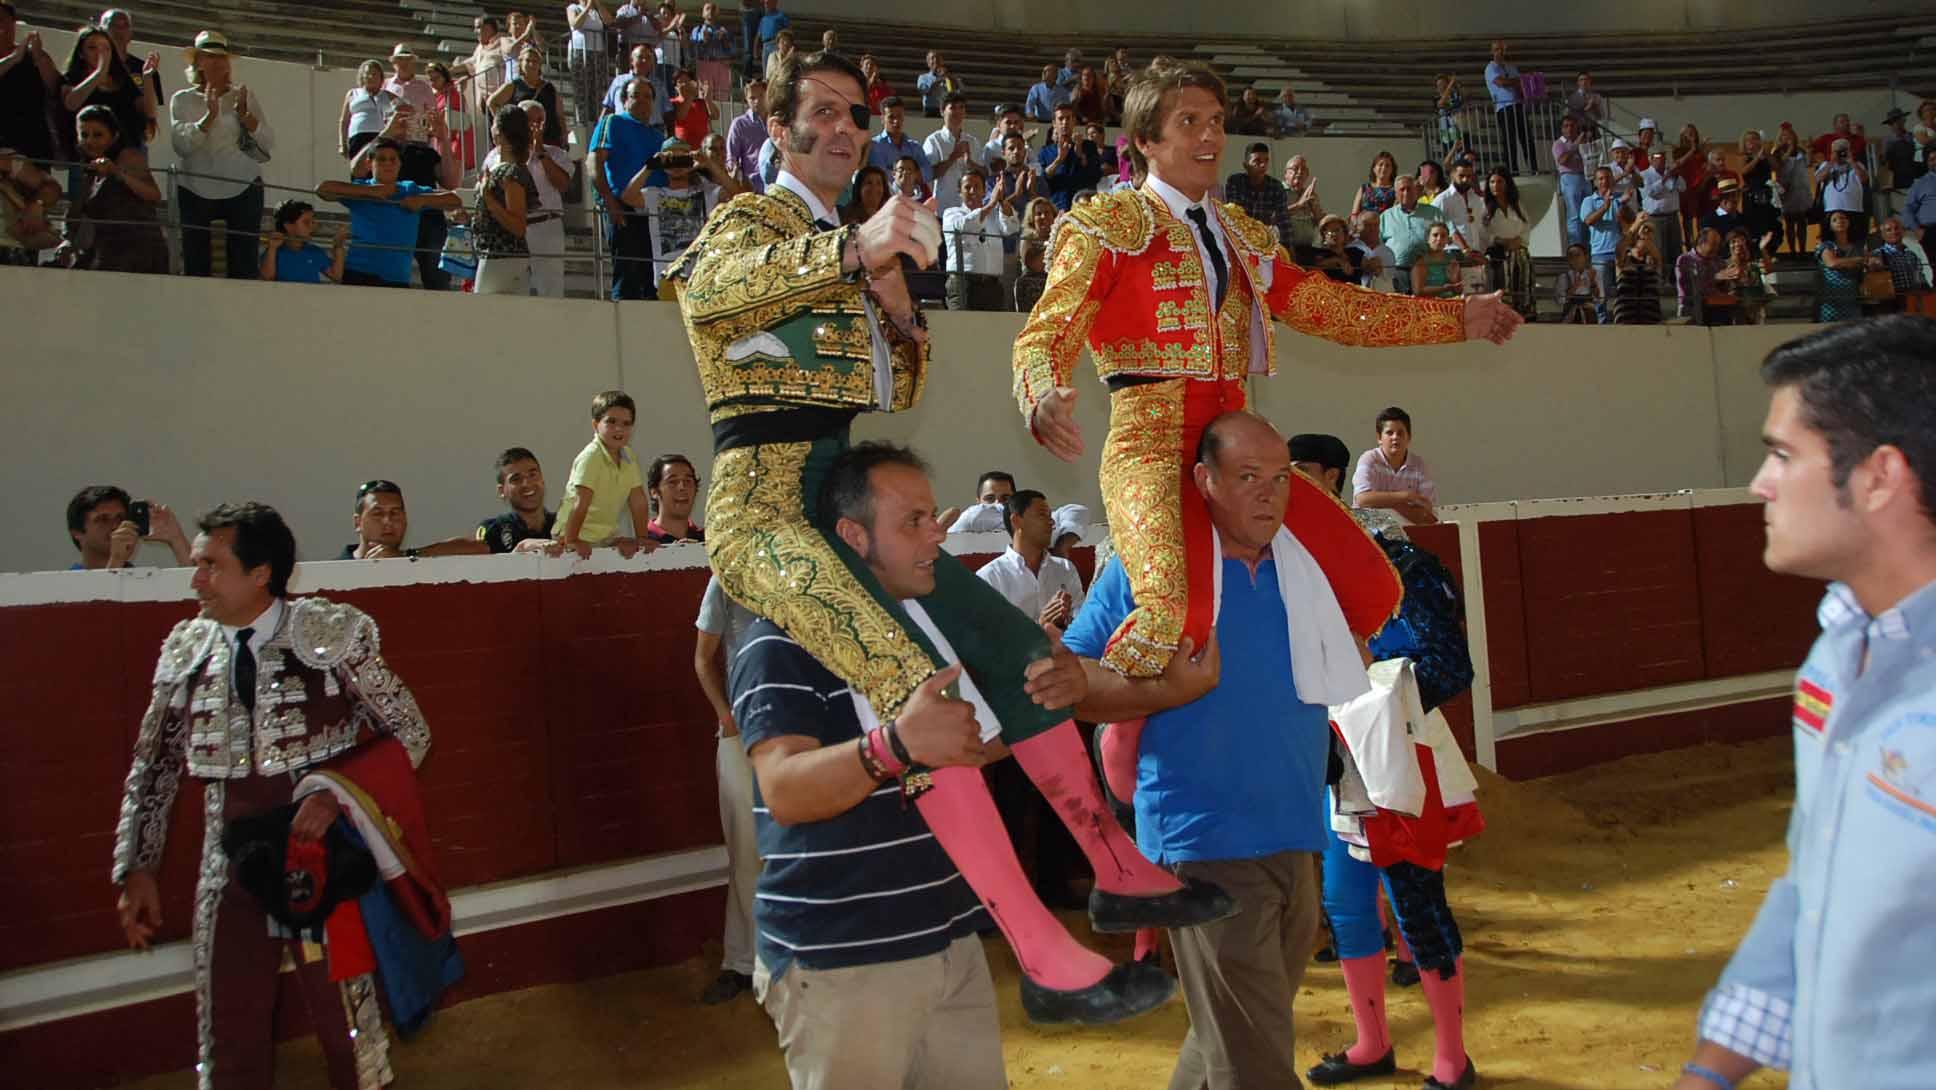 Padilla y El Cordobés saliendo a hombros de la plaza de toros de Utrera